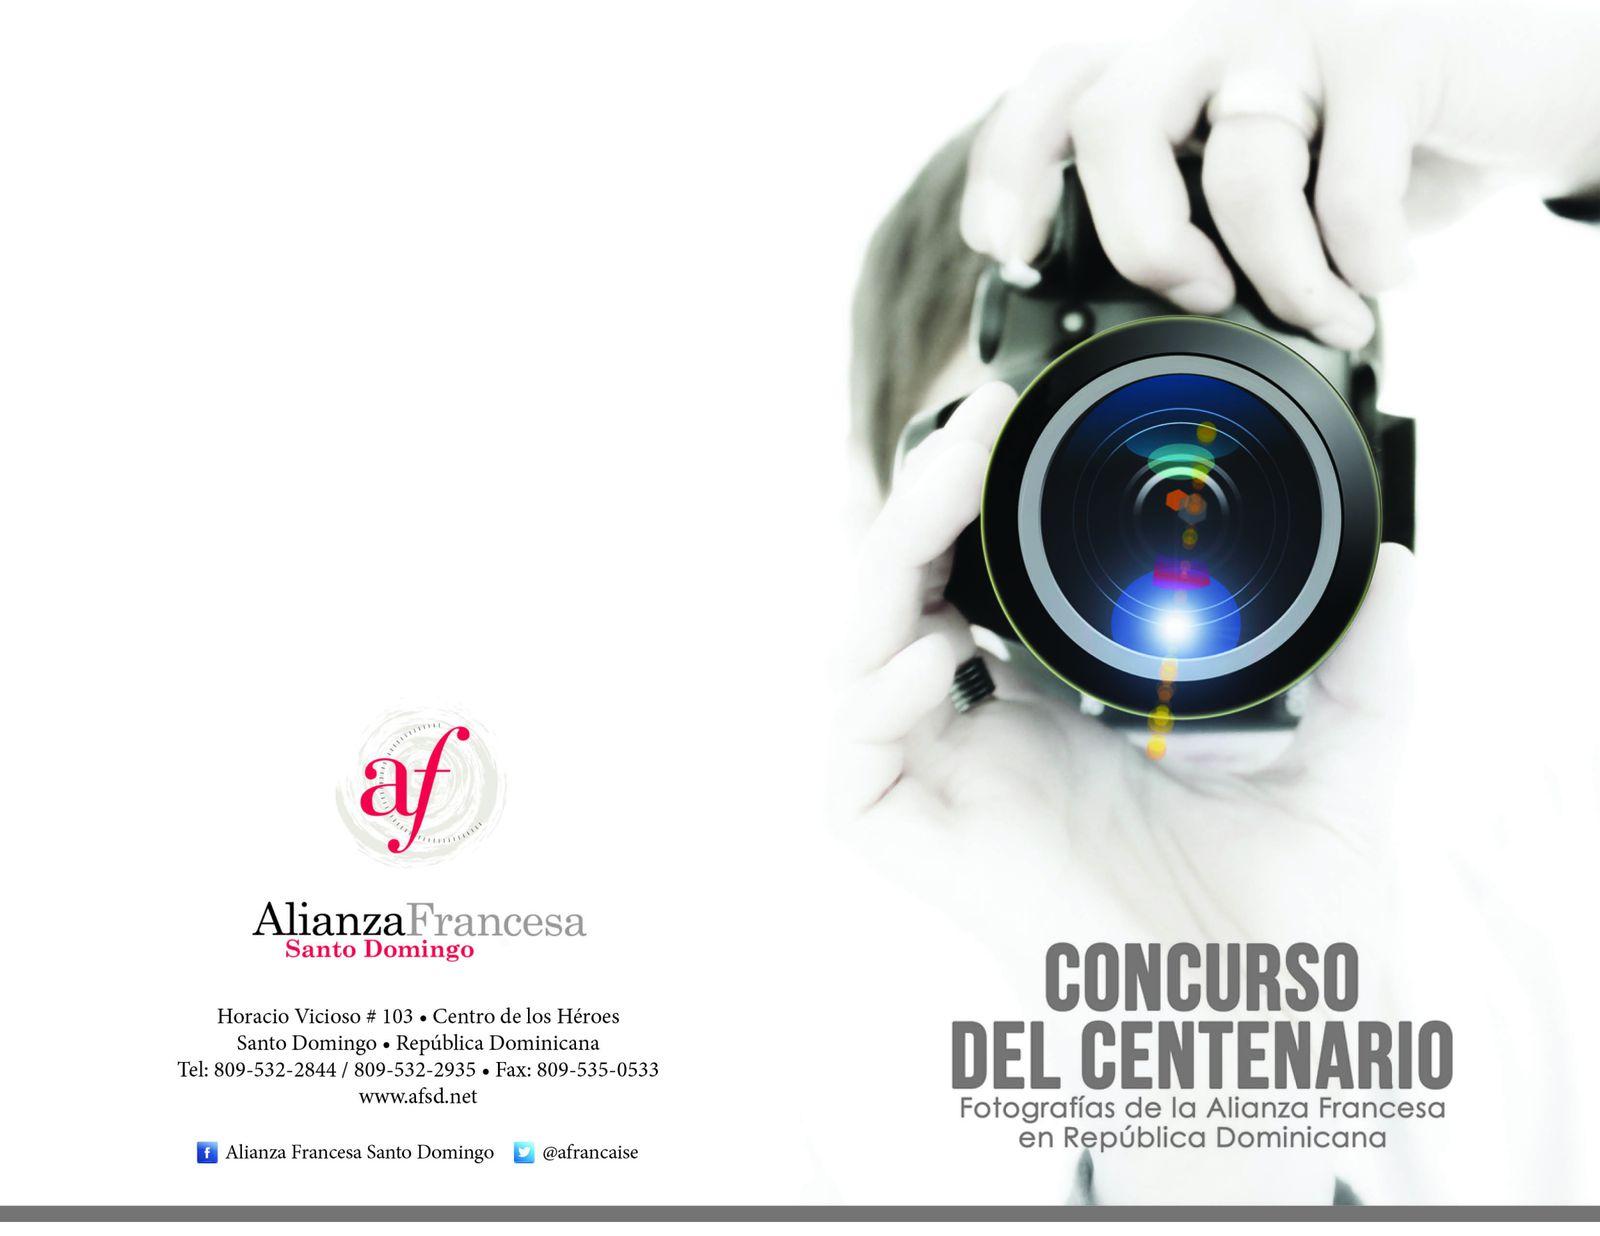 Brochure-Concurso-de-la-Alianza-Francesa2.jpg